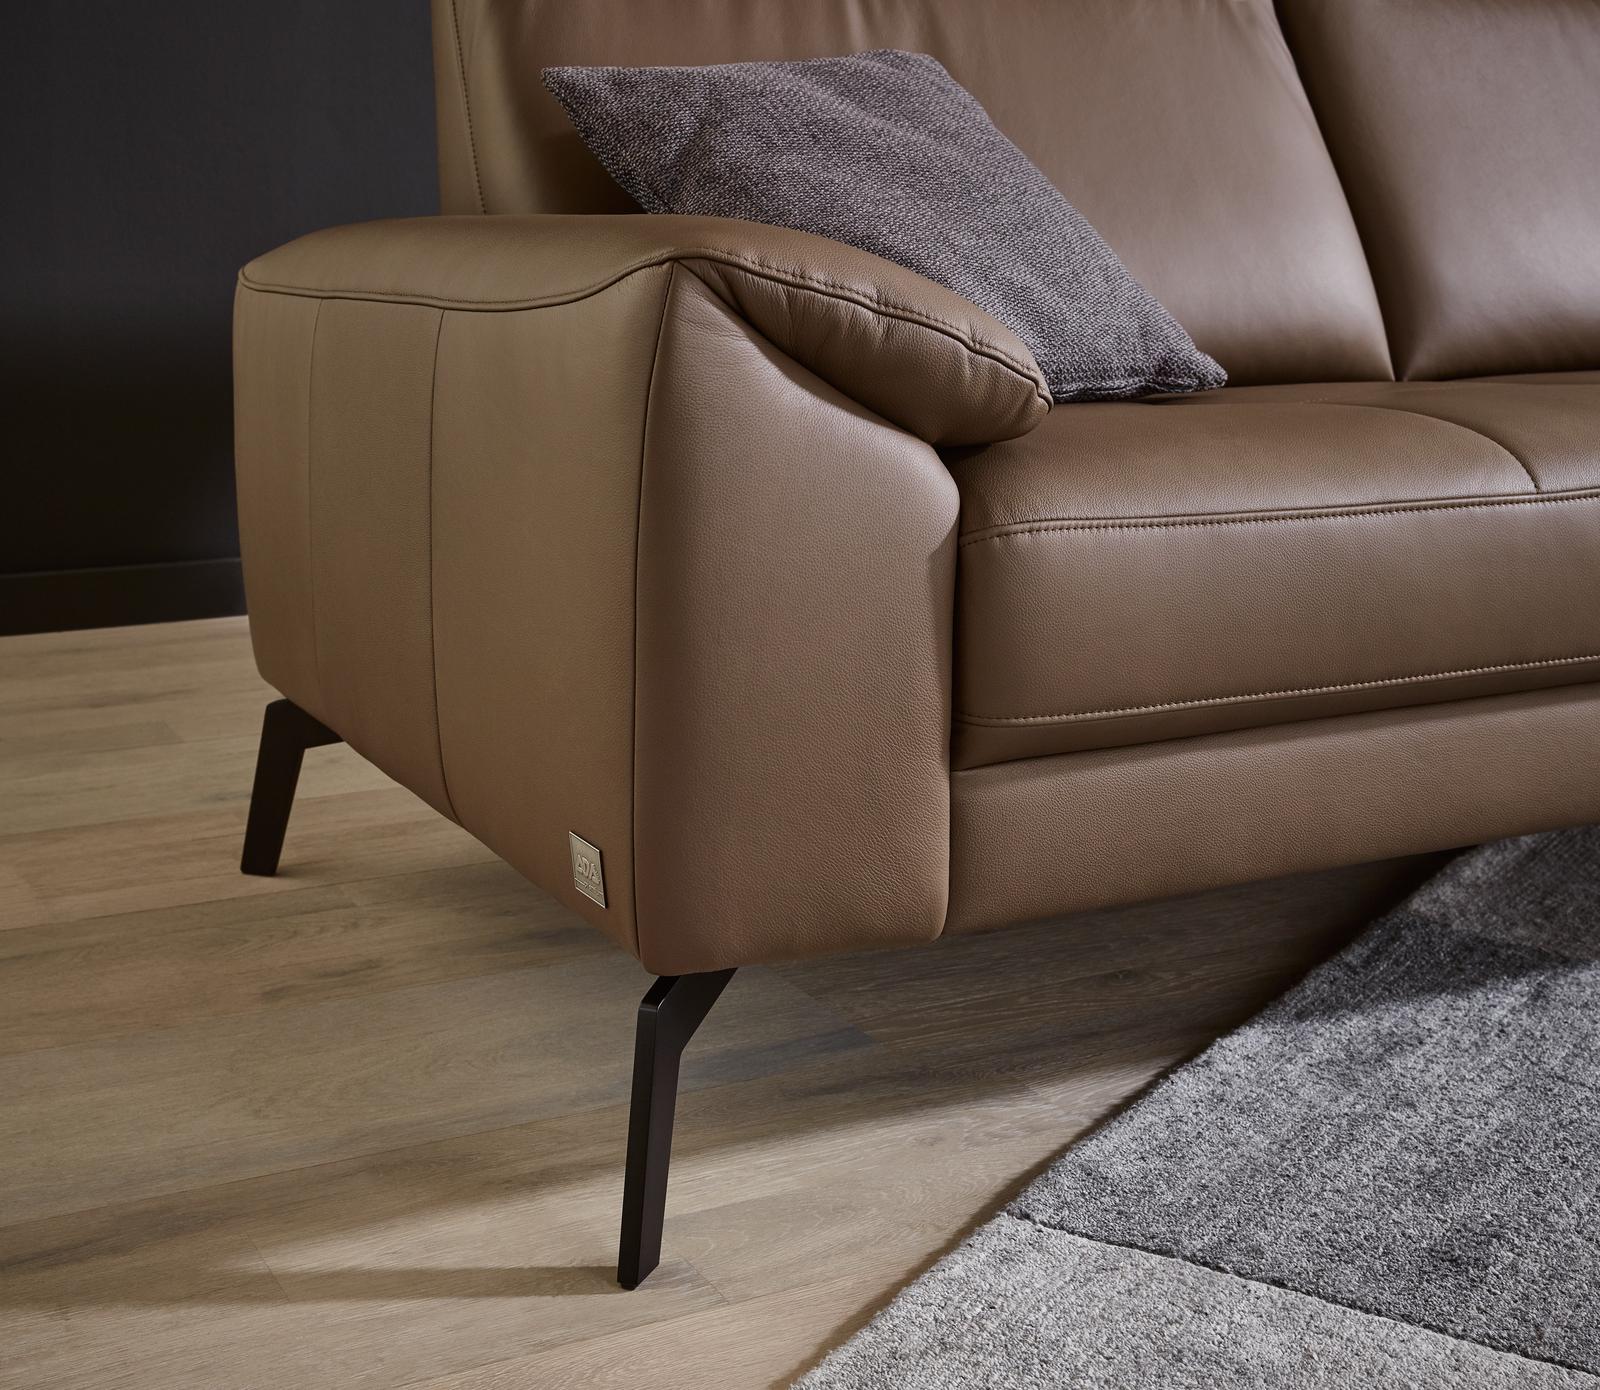 Armteil des Sofas Wales in braunem Leder mit schwarzen Metallfüßen.